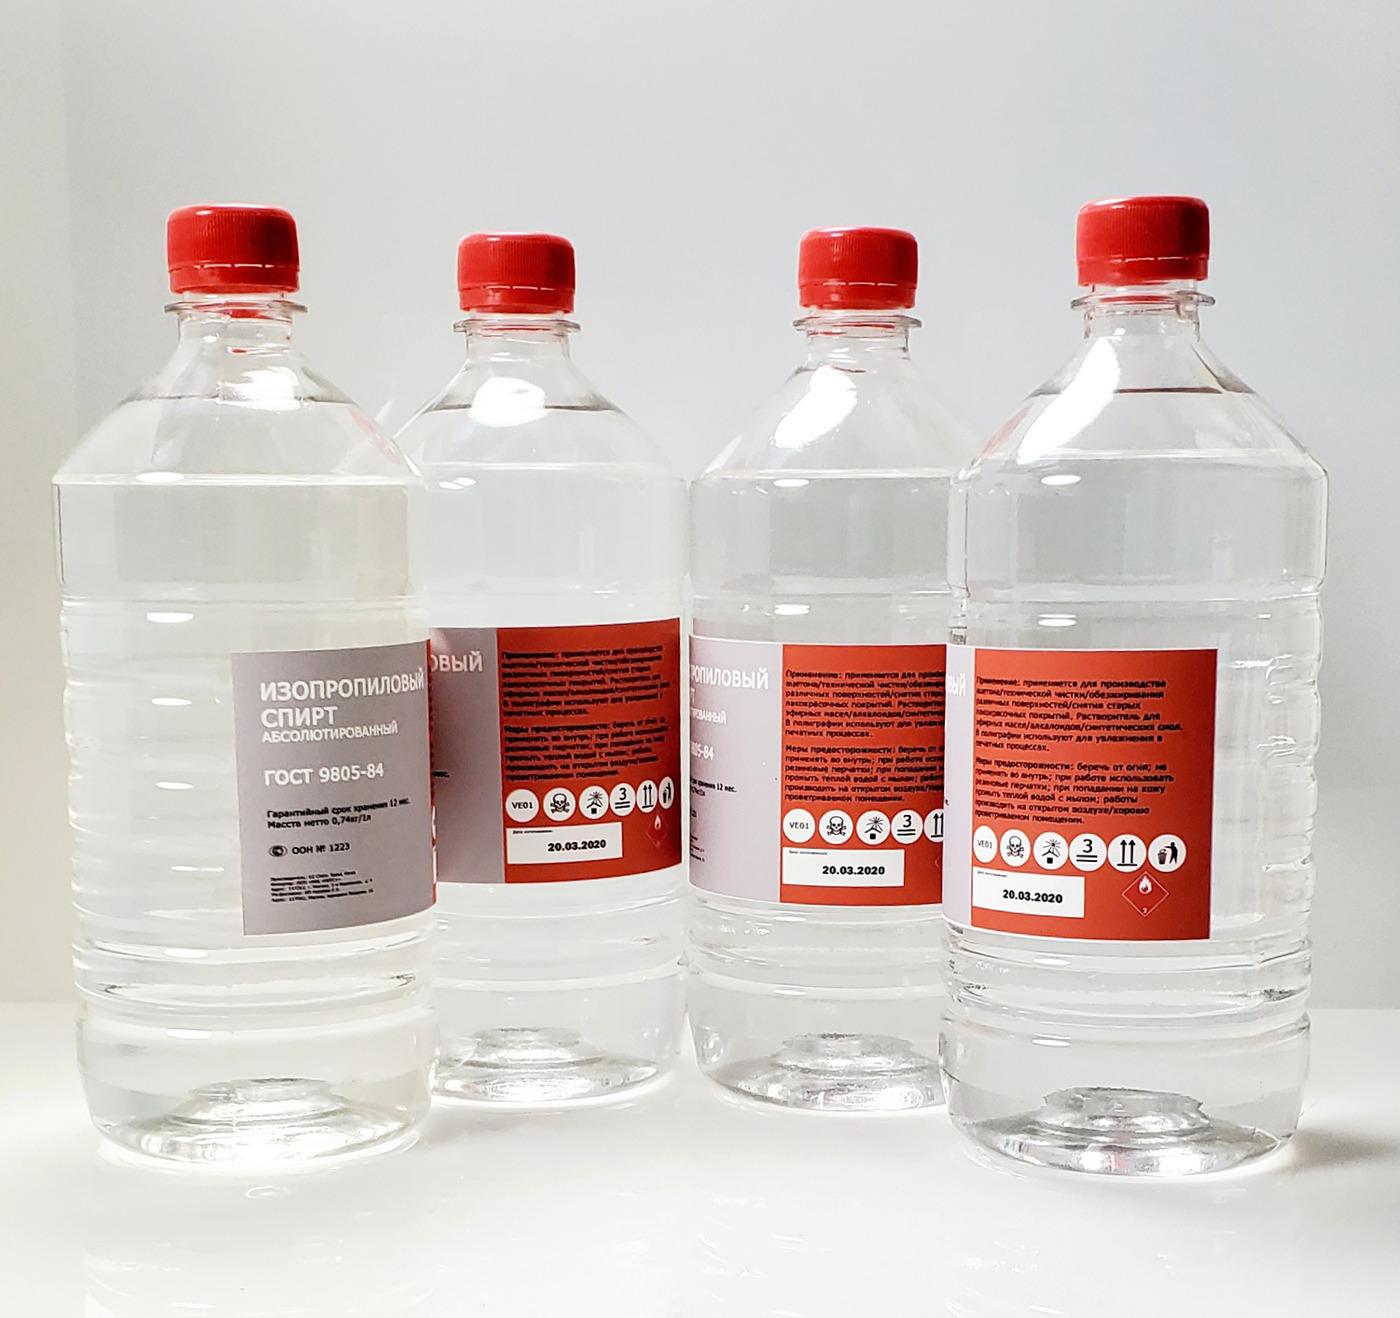 Использование изопропилового спирта против коронавируса